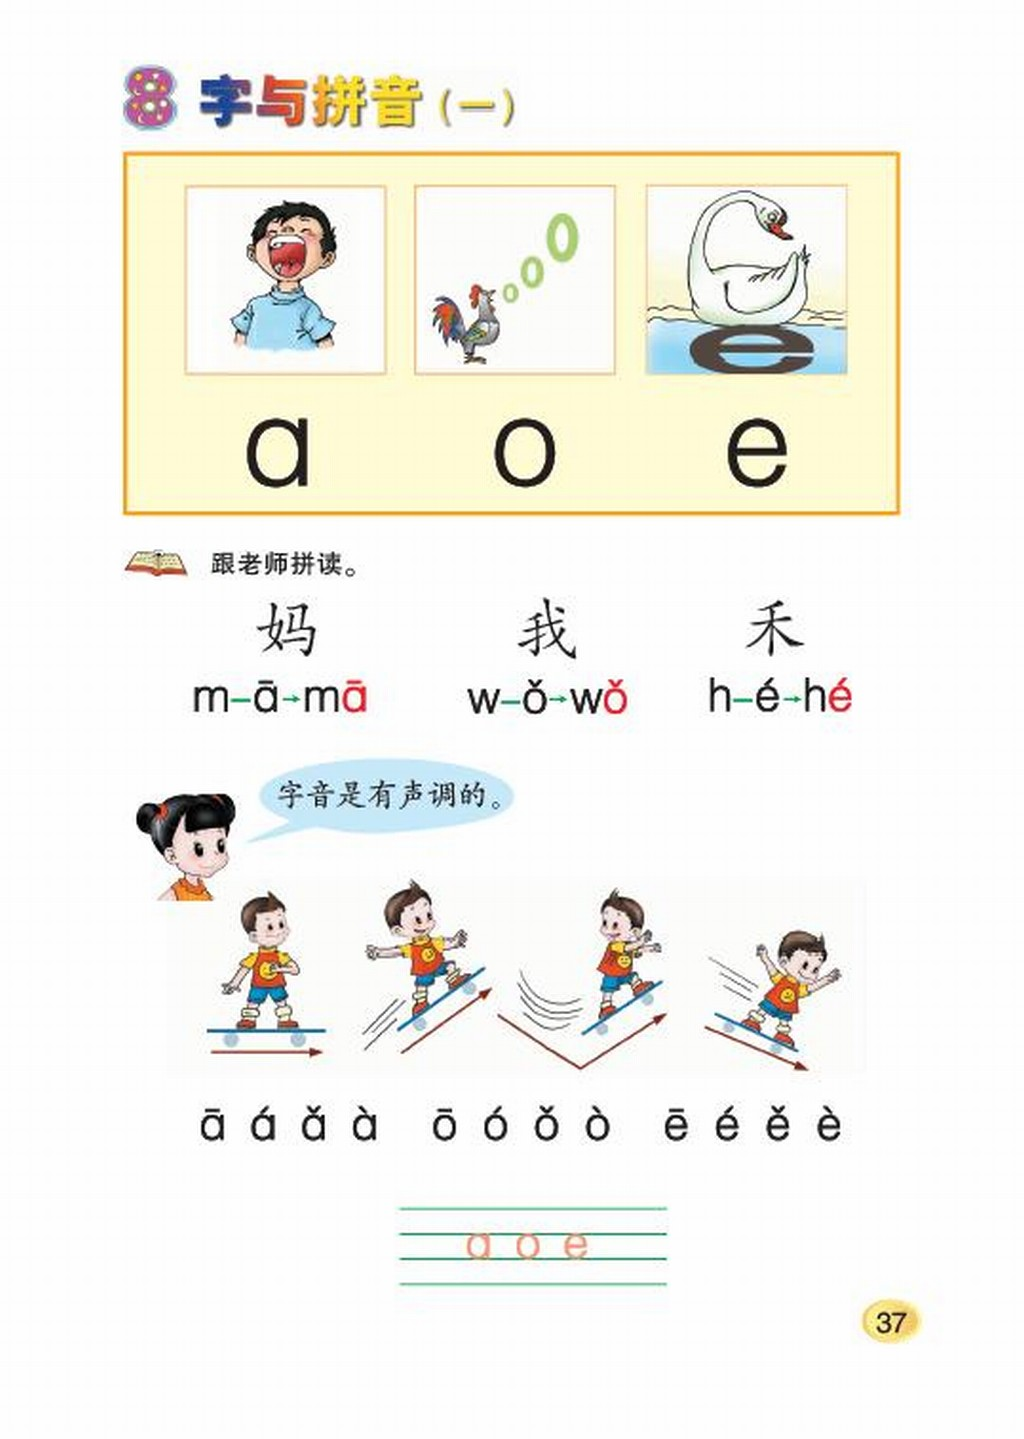 小学一年级语文上册 八字与拼音 一